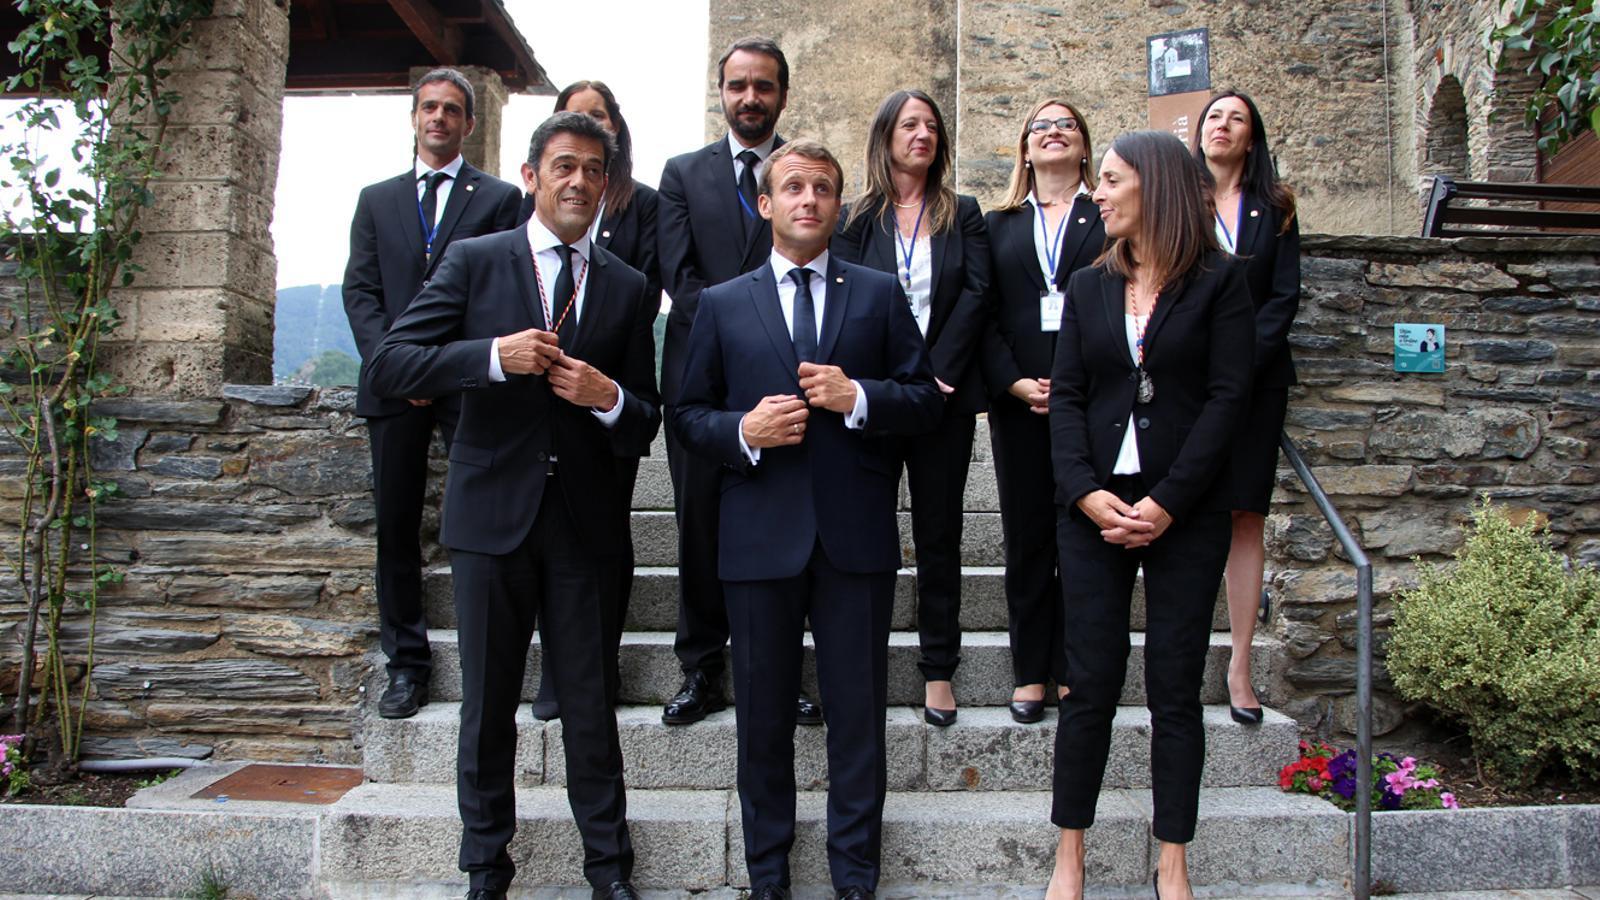 El copríncep francès junt amb la corporació ordinenca. / T. N. (ANA)